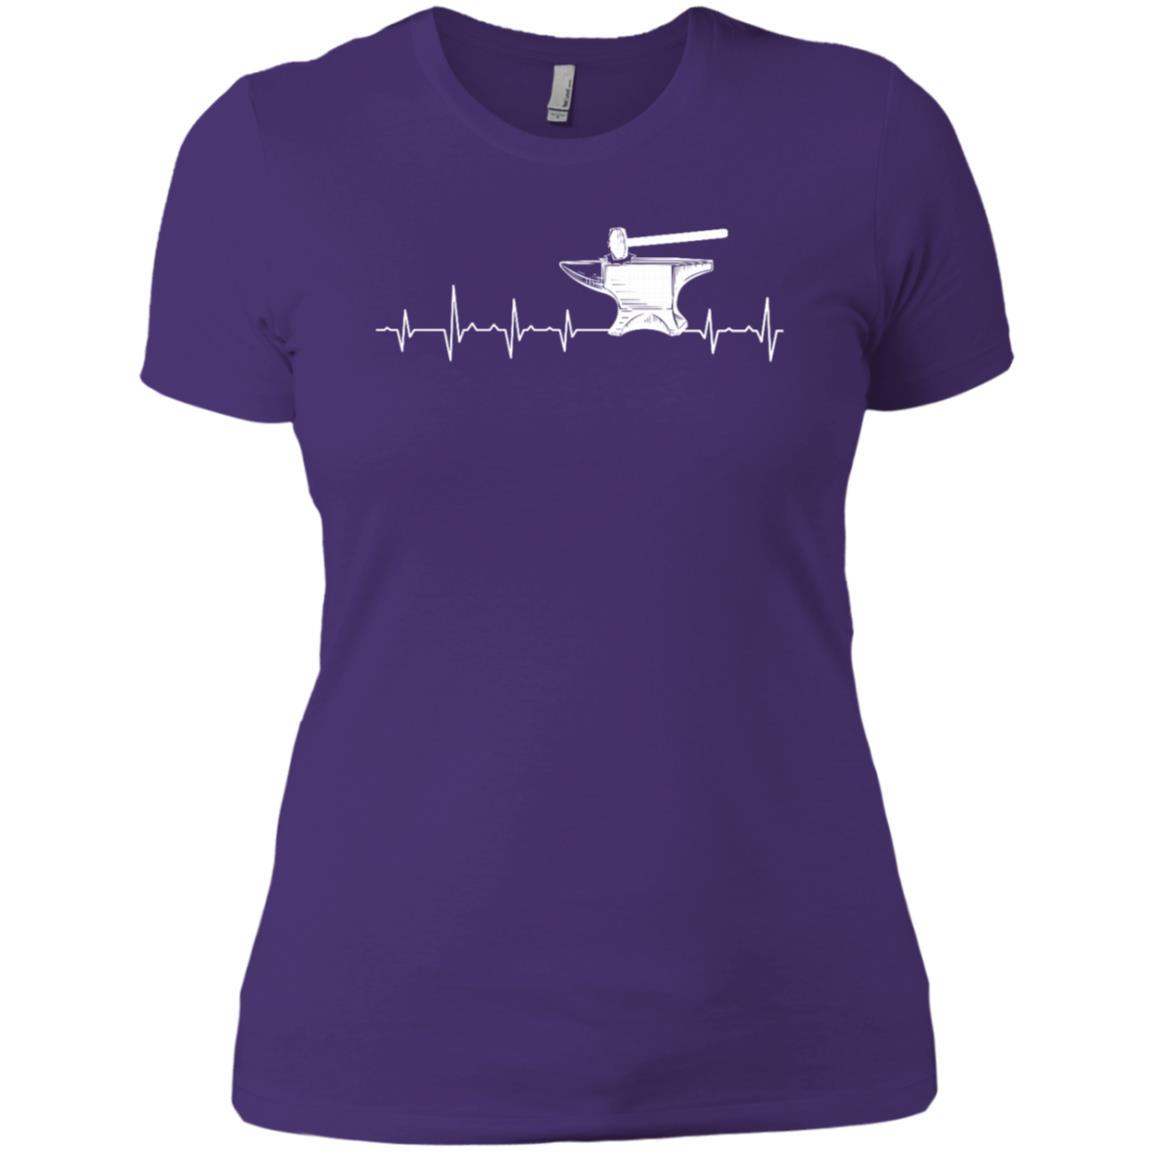 Blacksmith Heartbeat Hammer & Anvil Gift Women Short Sleeve